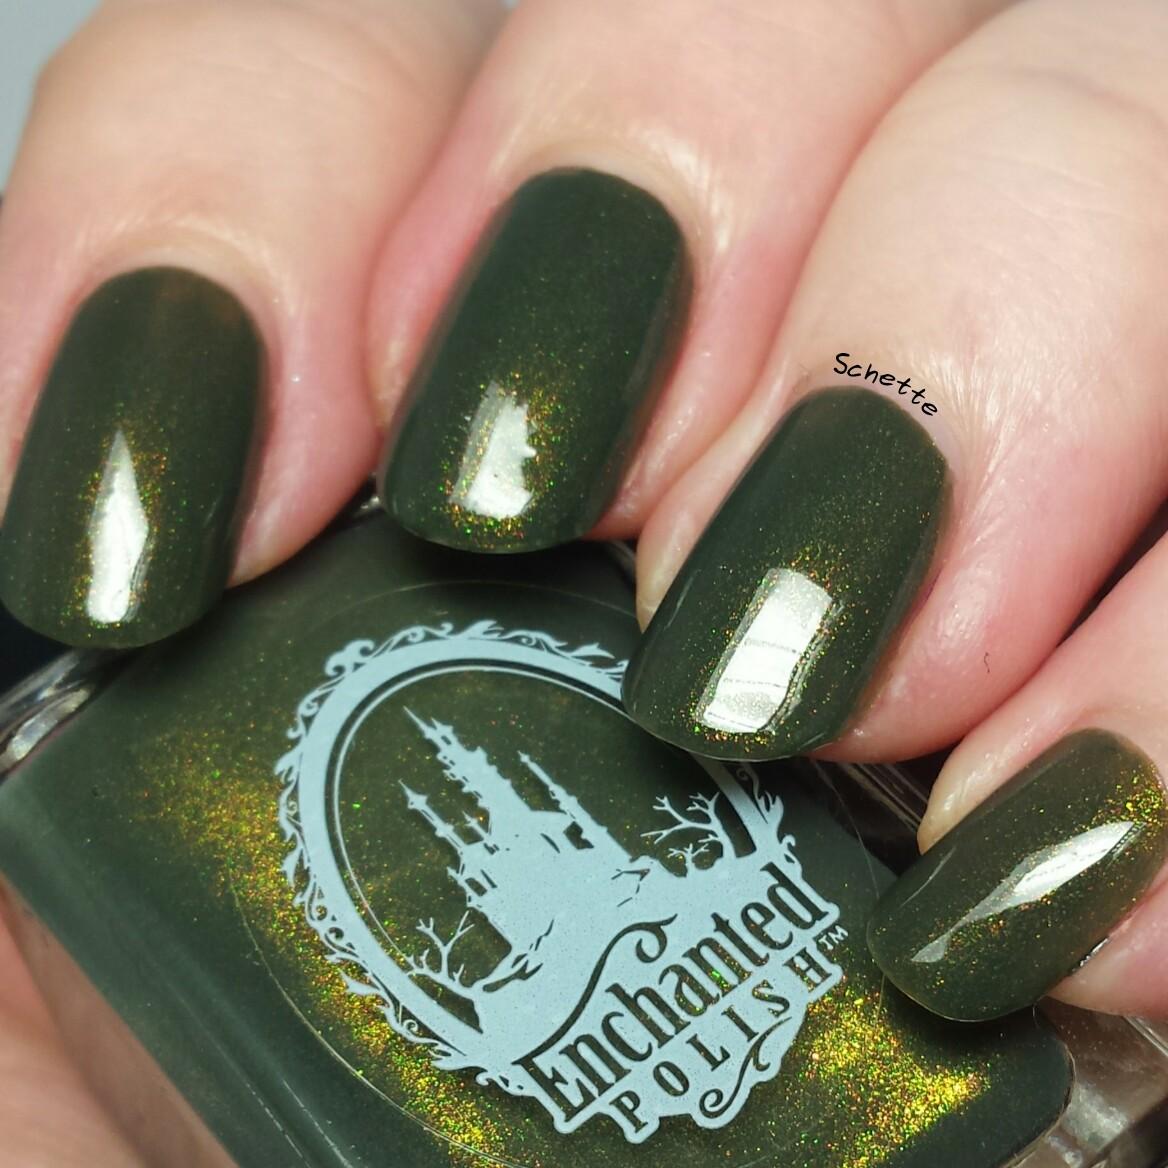 Enchanted Polish : Garland